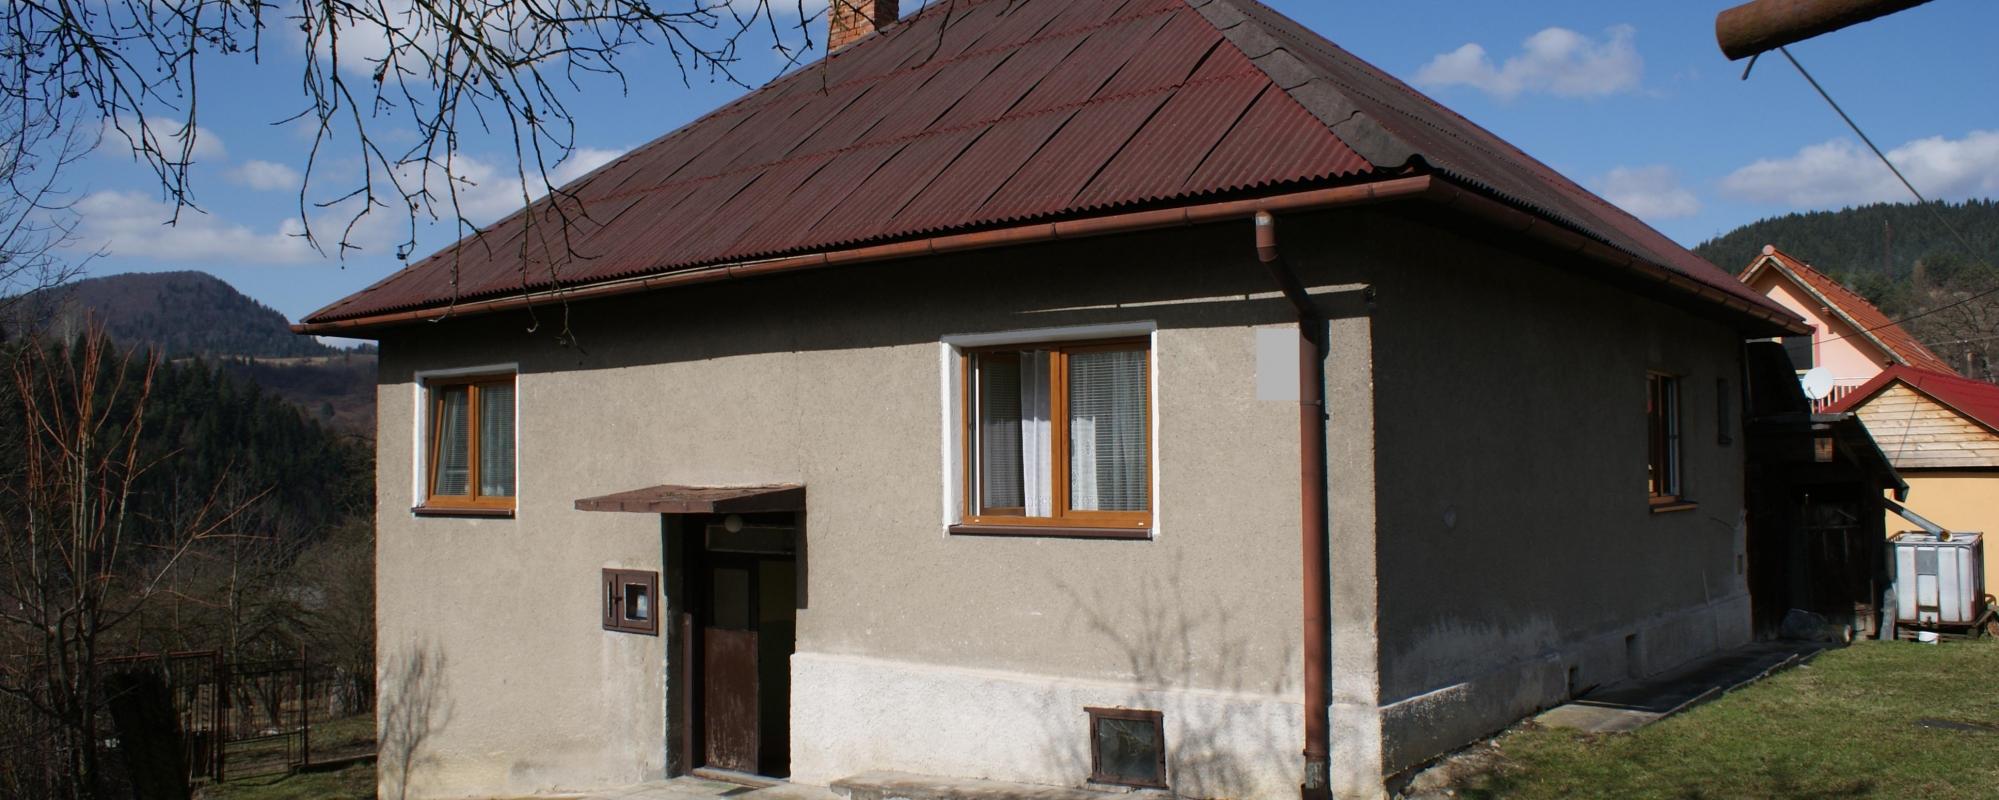 Rodinný dom v pokojnom prostredí, Ružomberok - Hrboltová